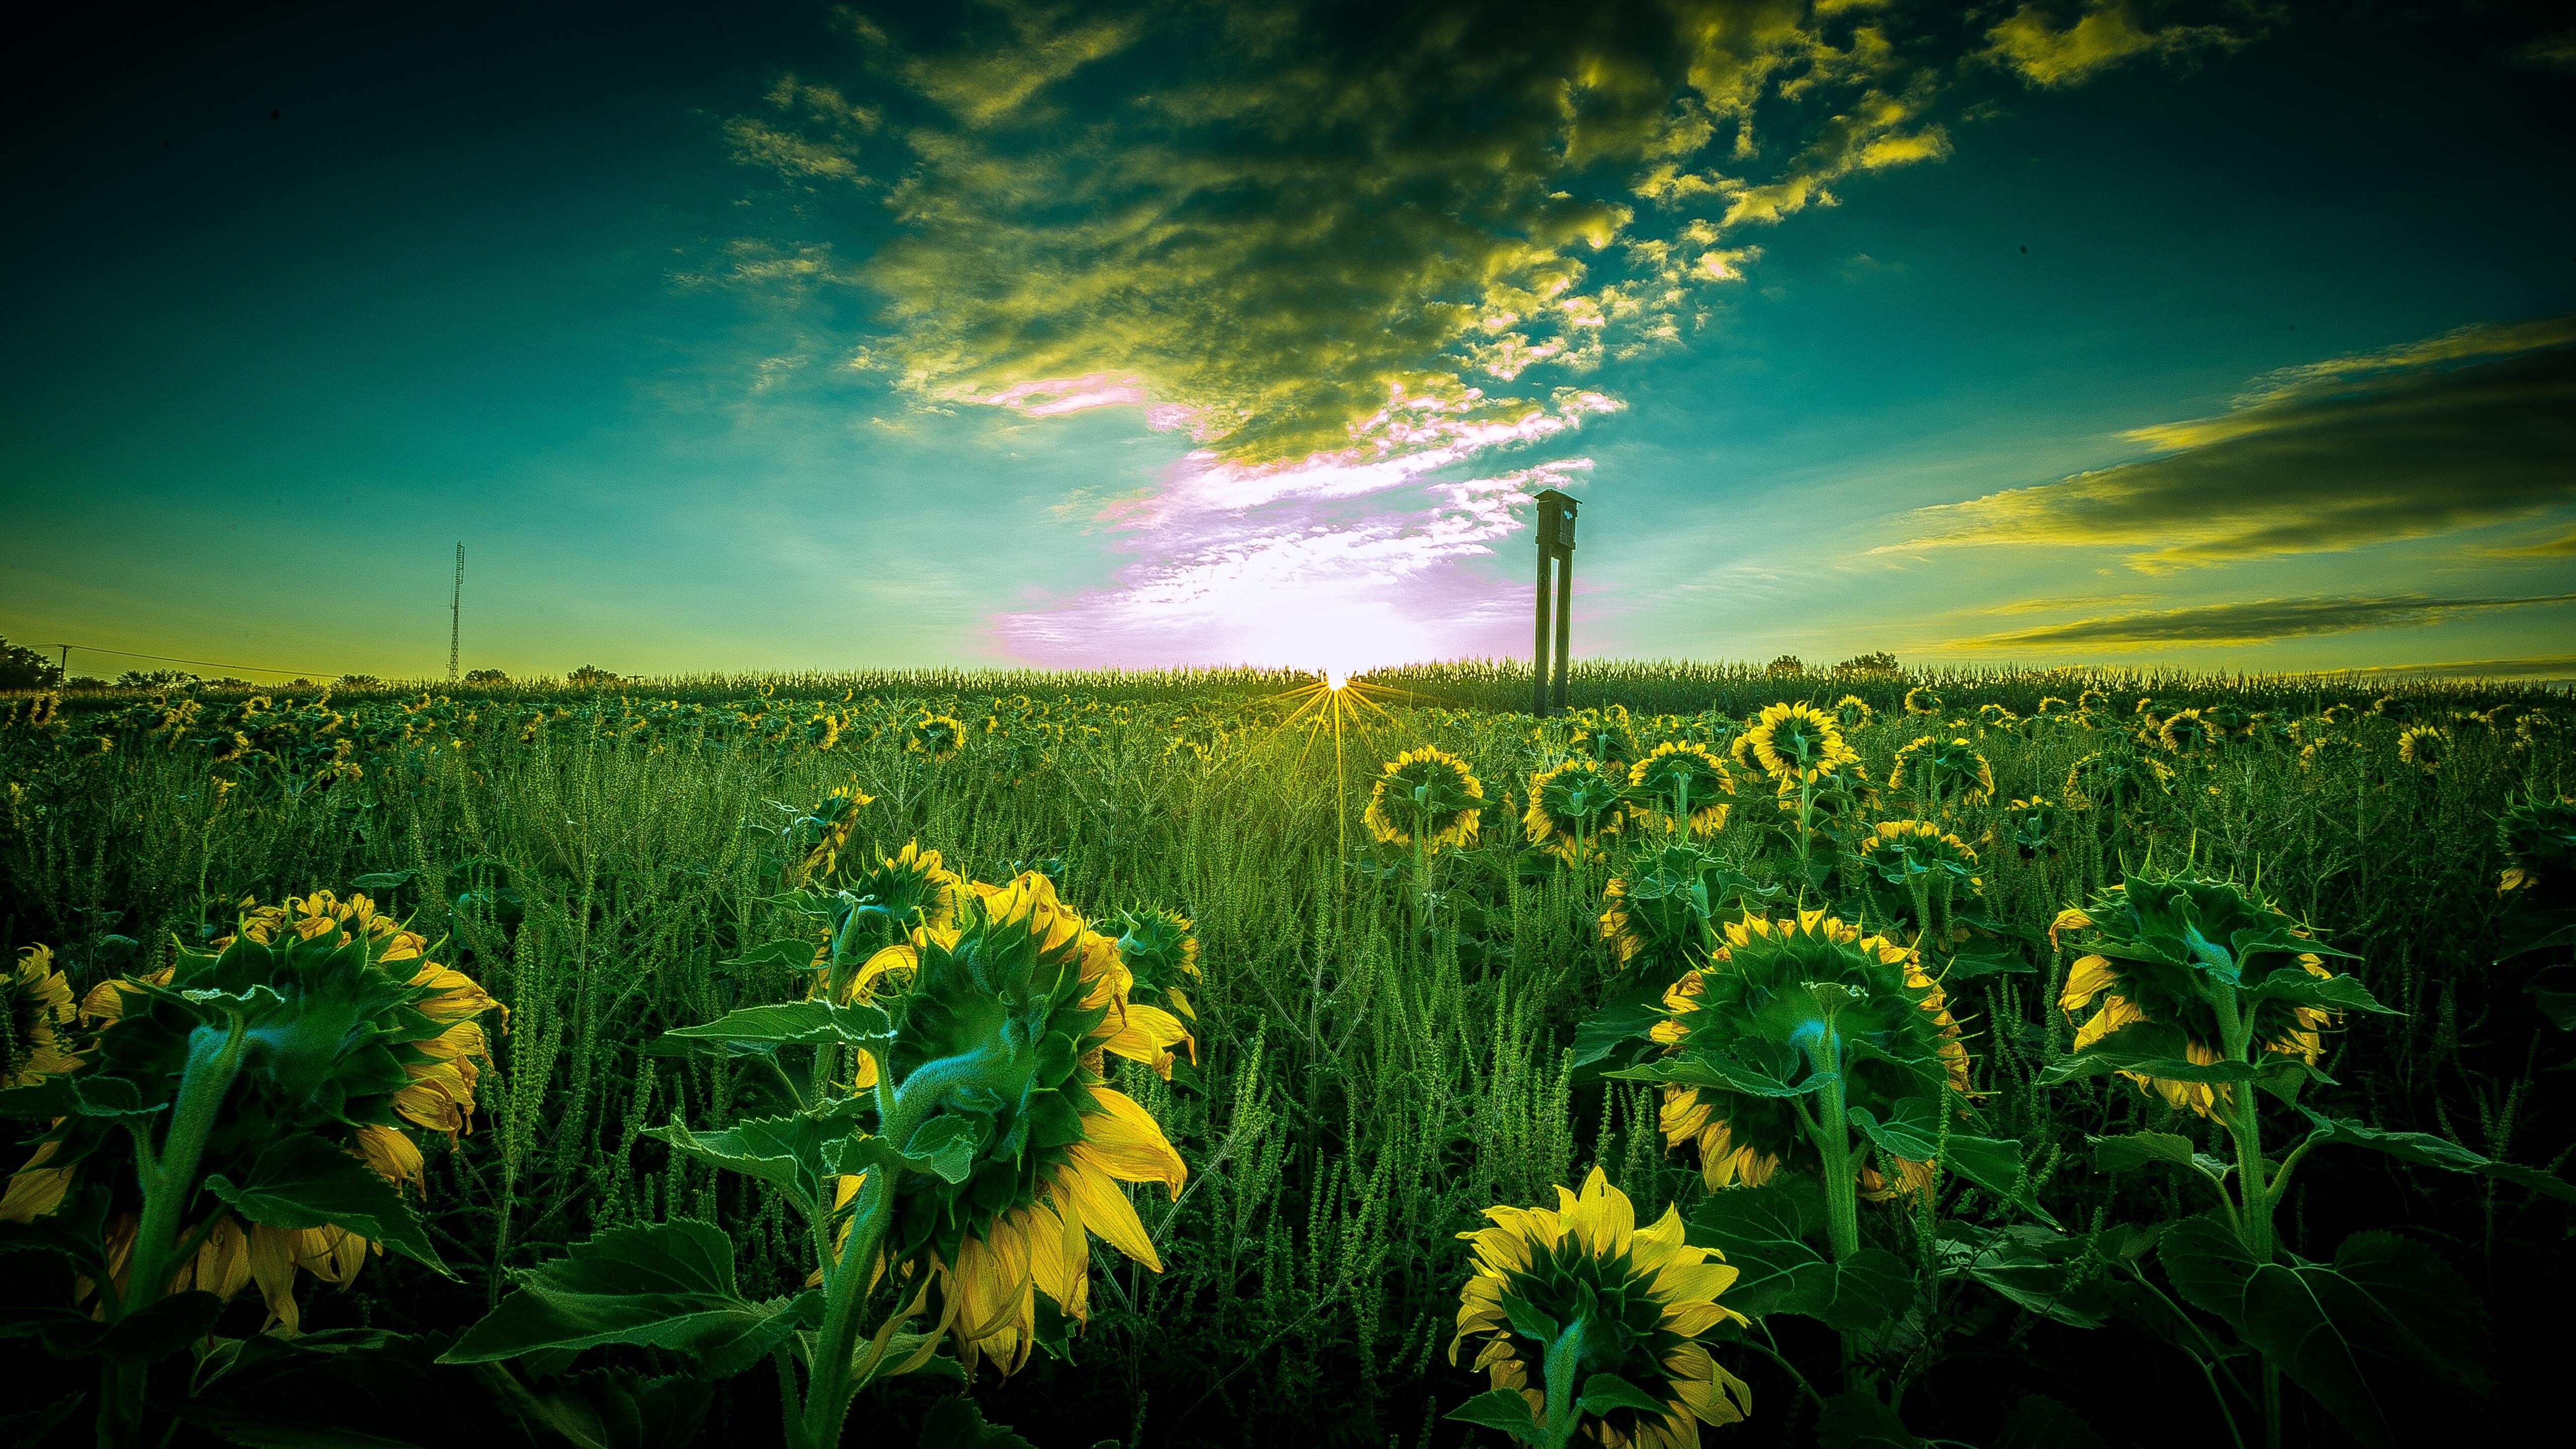 sun-flower-field-5k-90.jpg